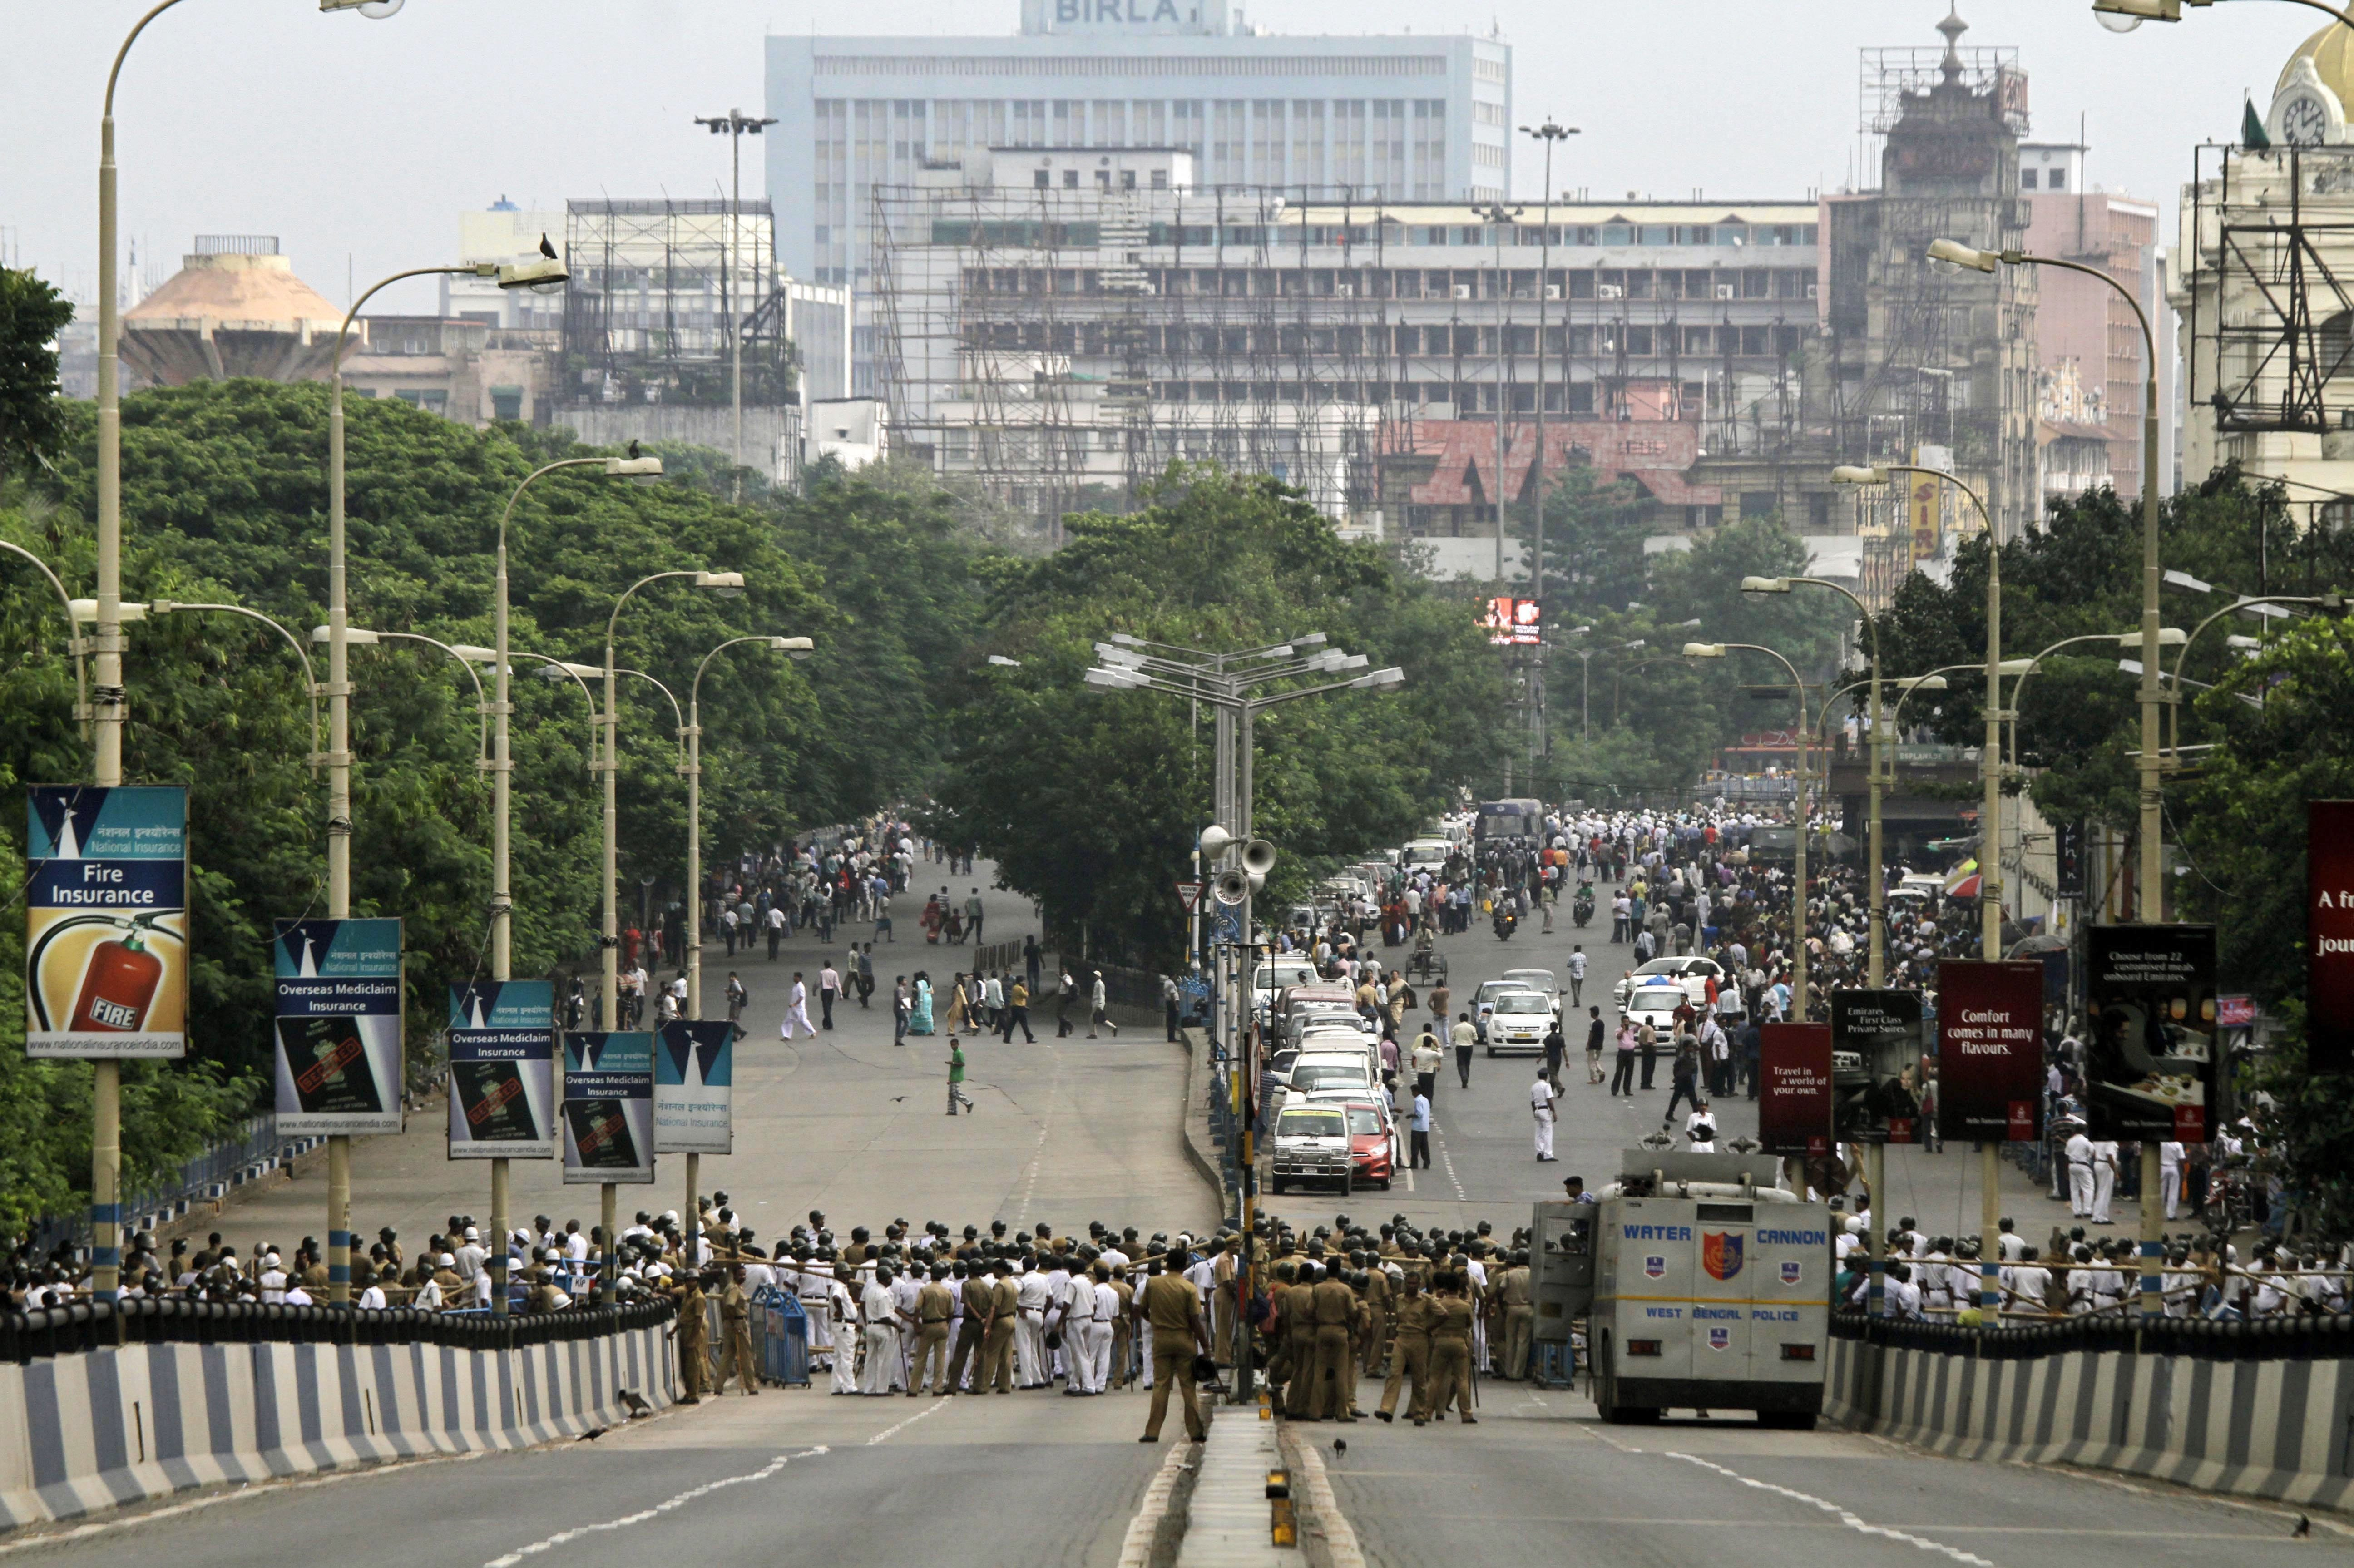 Un pont menant vers le consulat des Etats-Unis à Calcutta